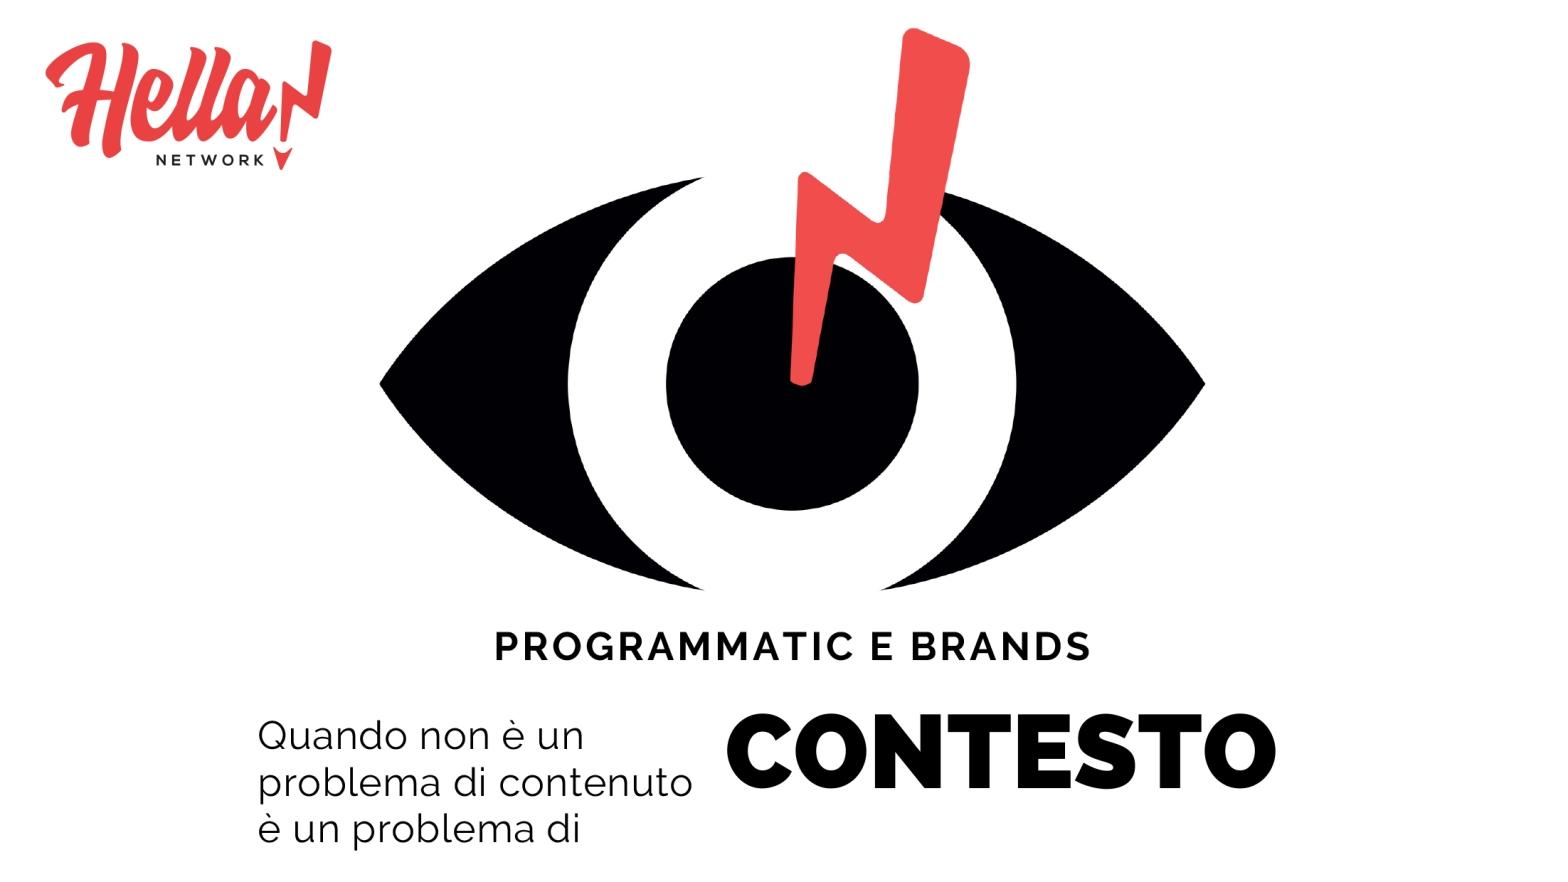 Programmatic e brands. Quando non è un problema di contenuto è un problema di contesto